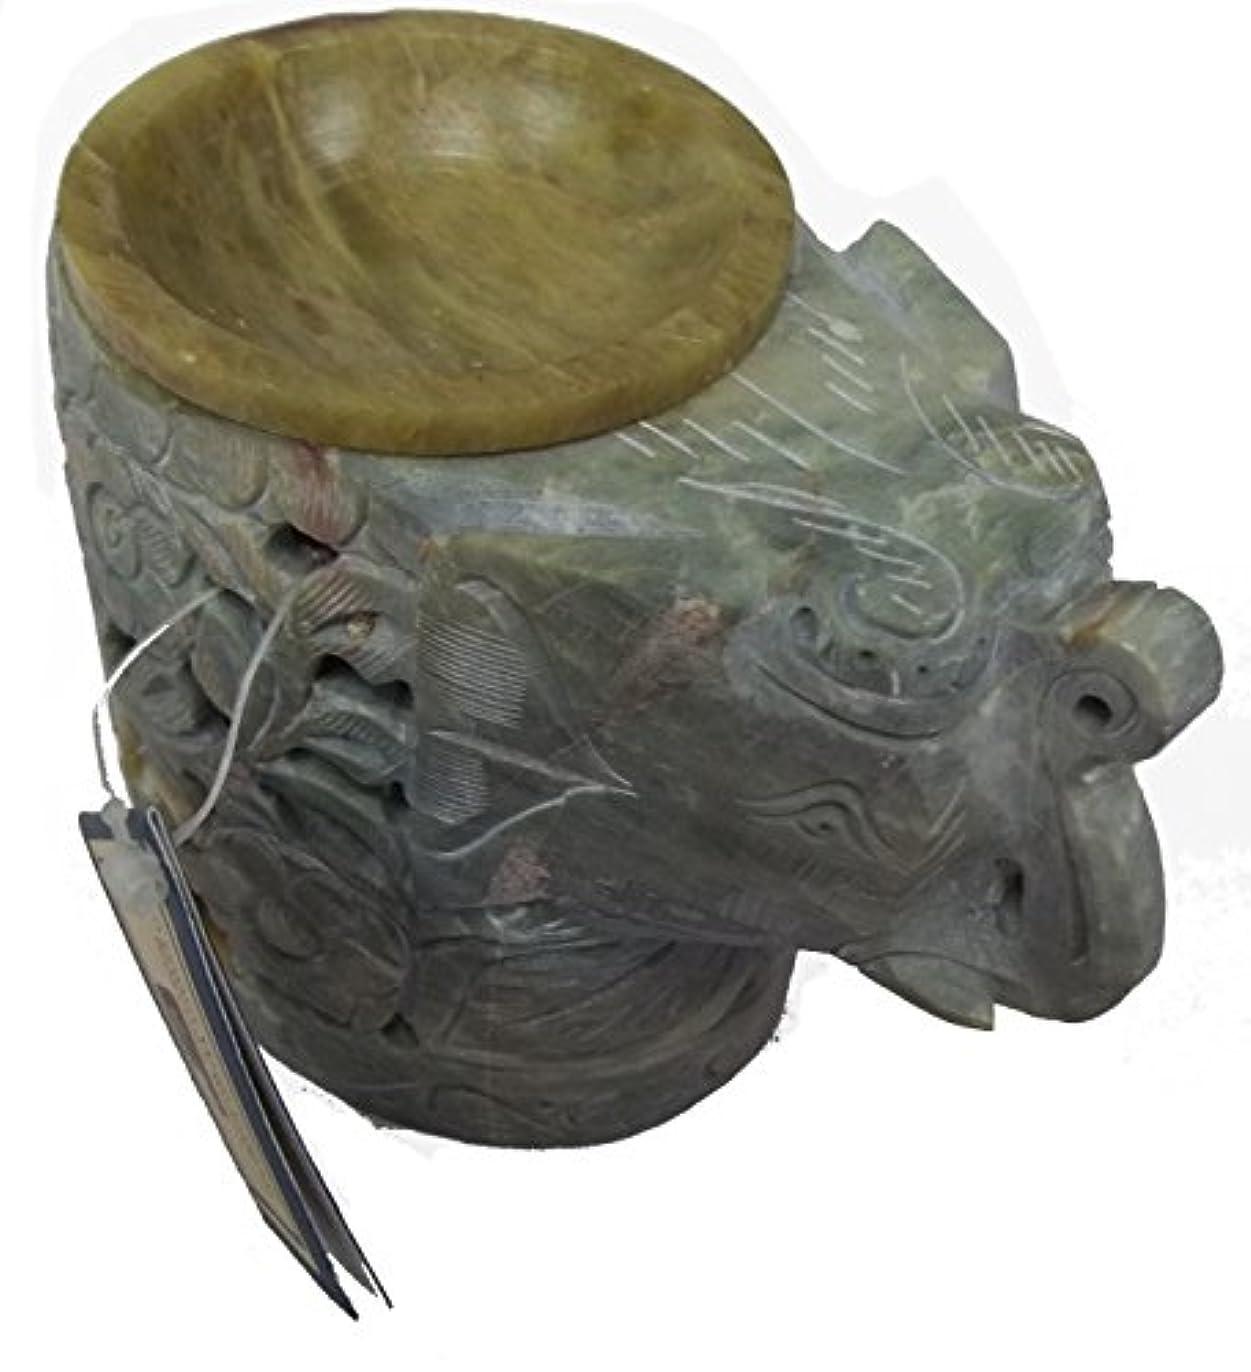 パテインディカ認識手彫り象ソープストーンお香オイルティーライトホルダーCandle Burner